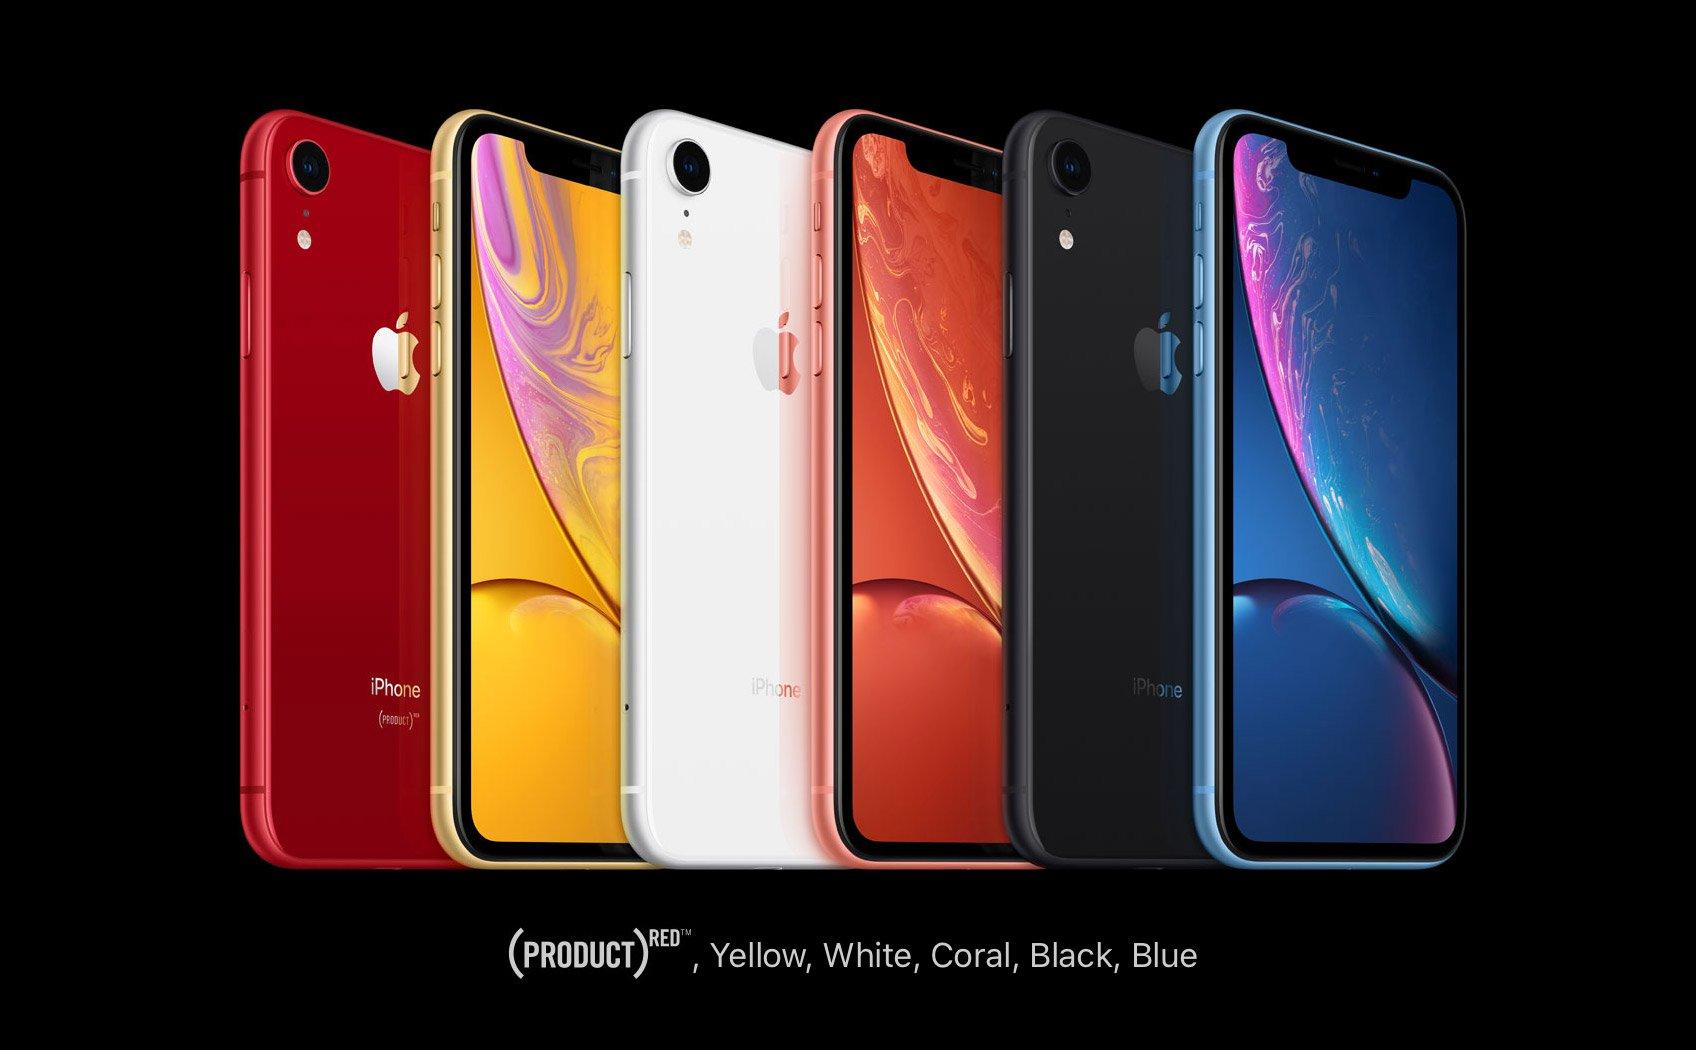 các phiên bản iPhone Xr